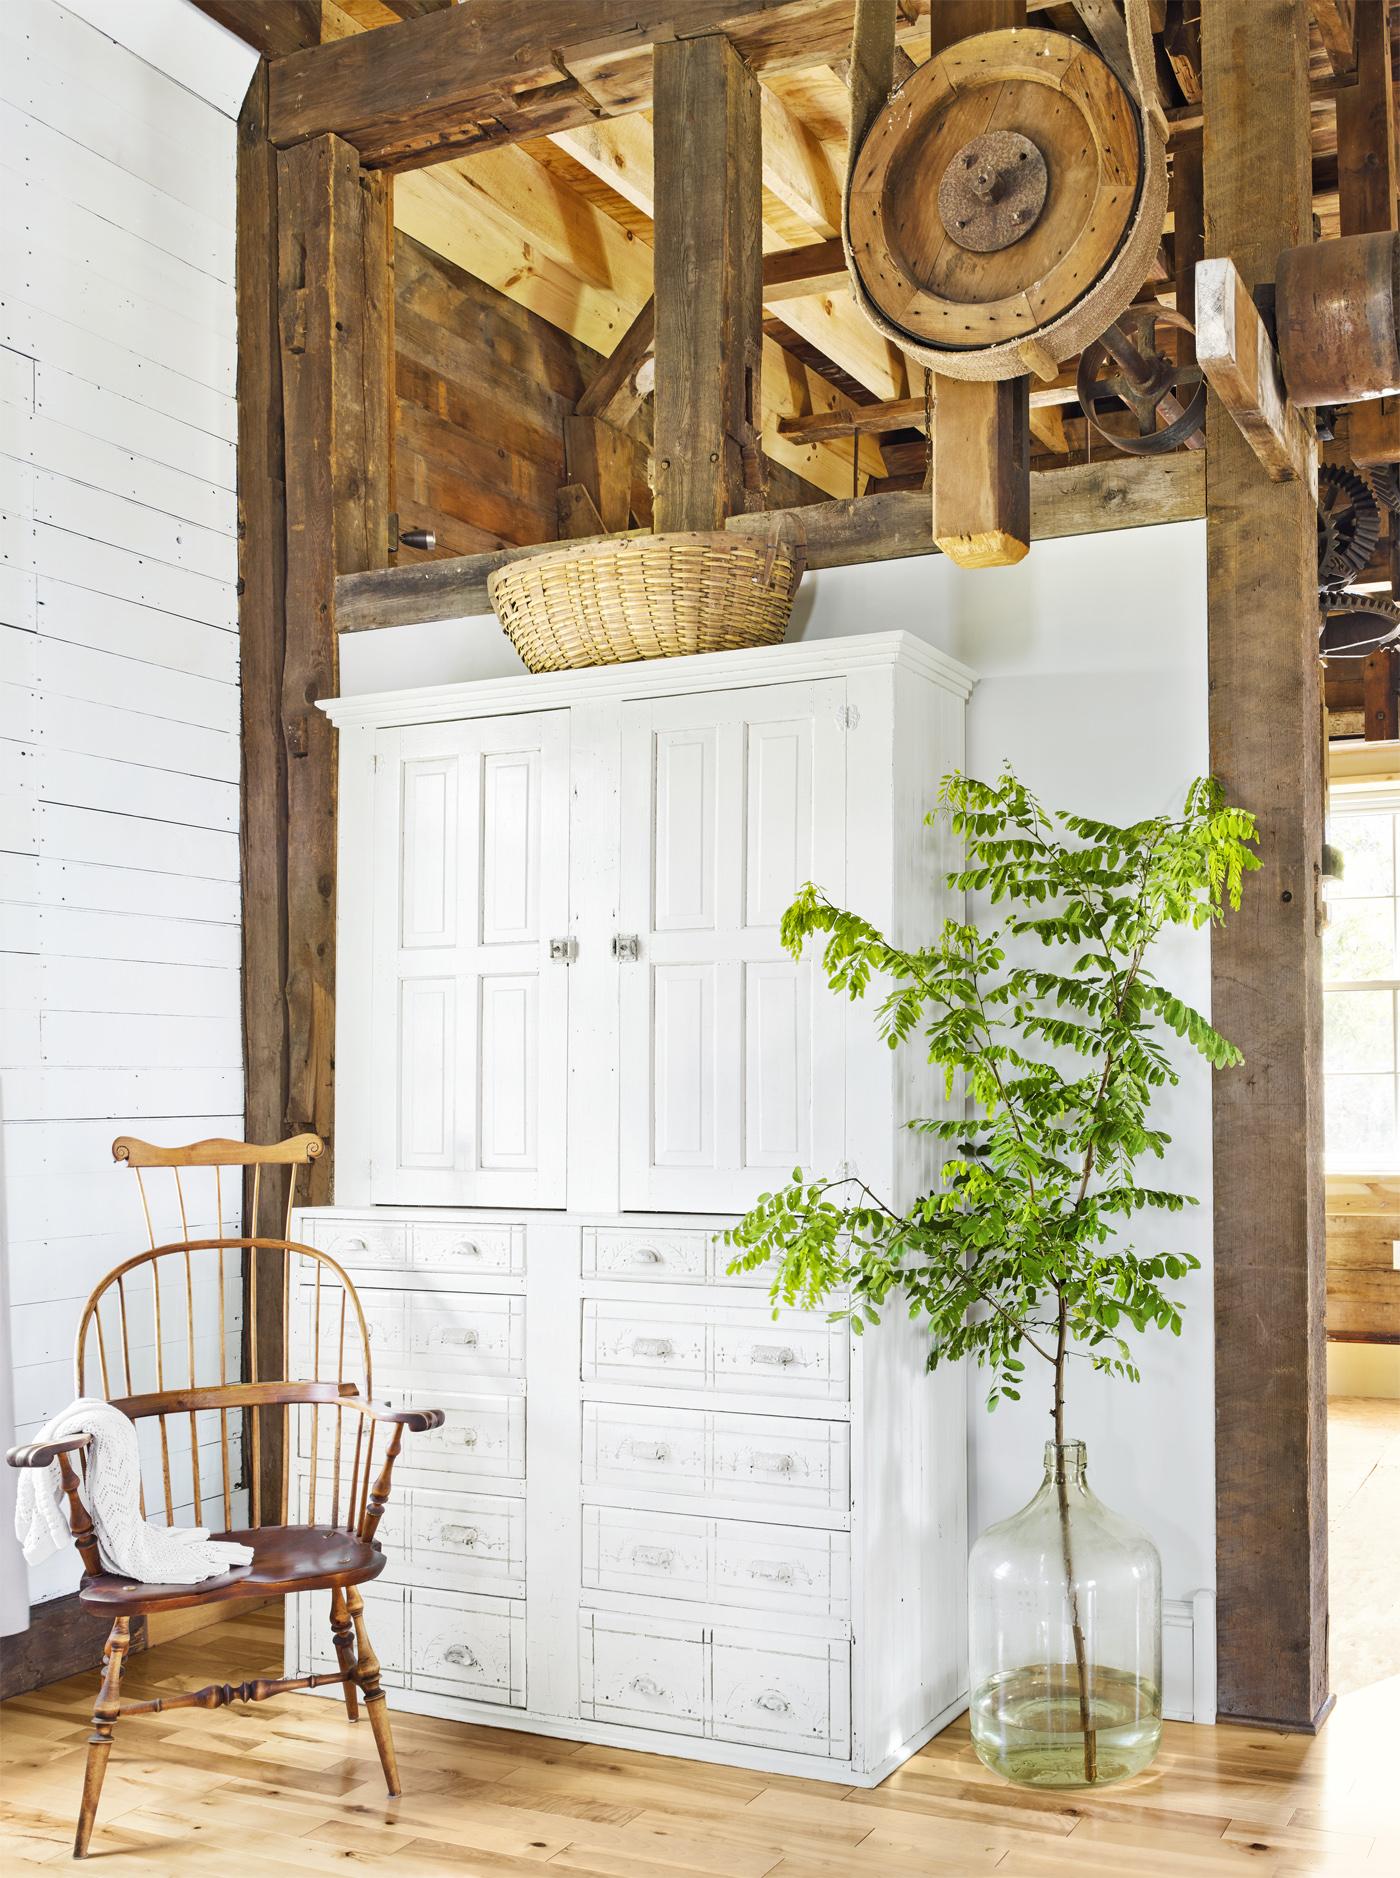 высокий потолок балки дерево шкаф комнатное растение